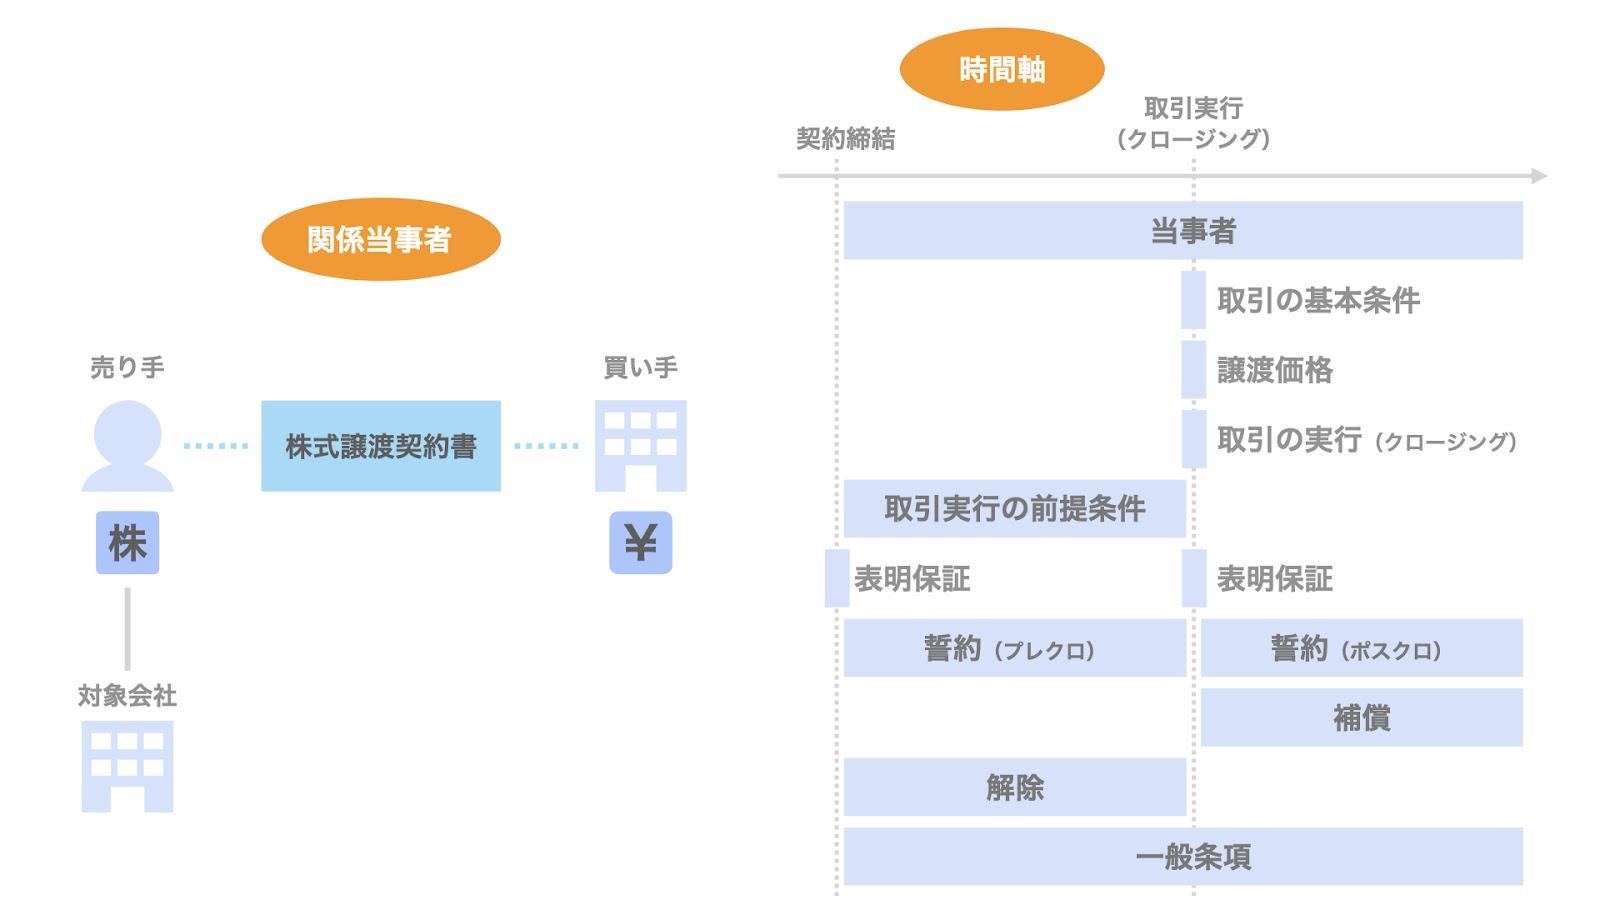 株式譲渡契約書の基本構成